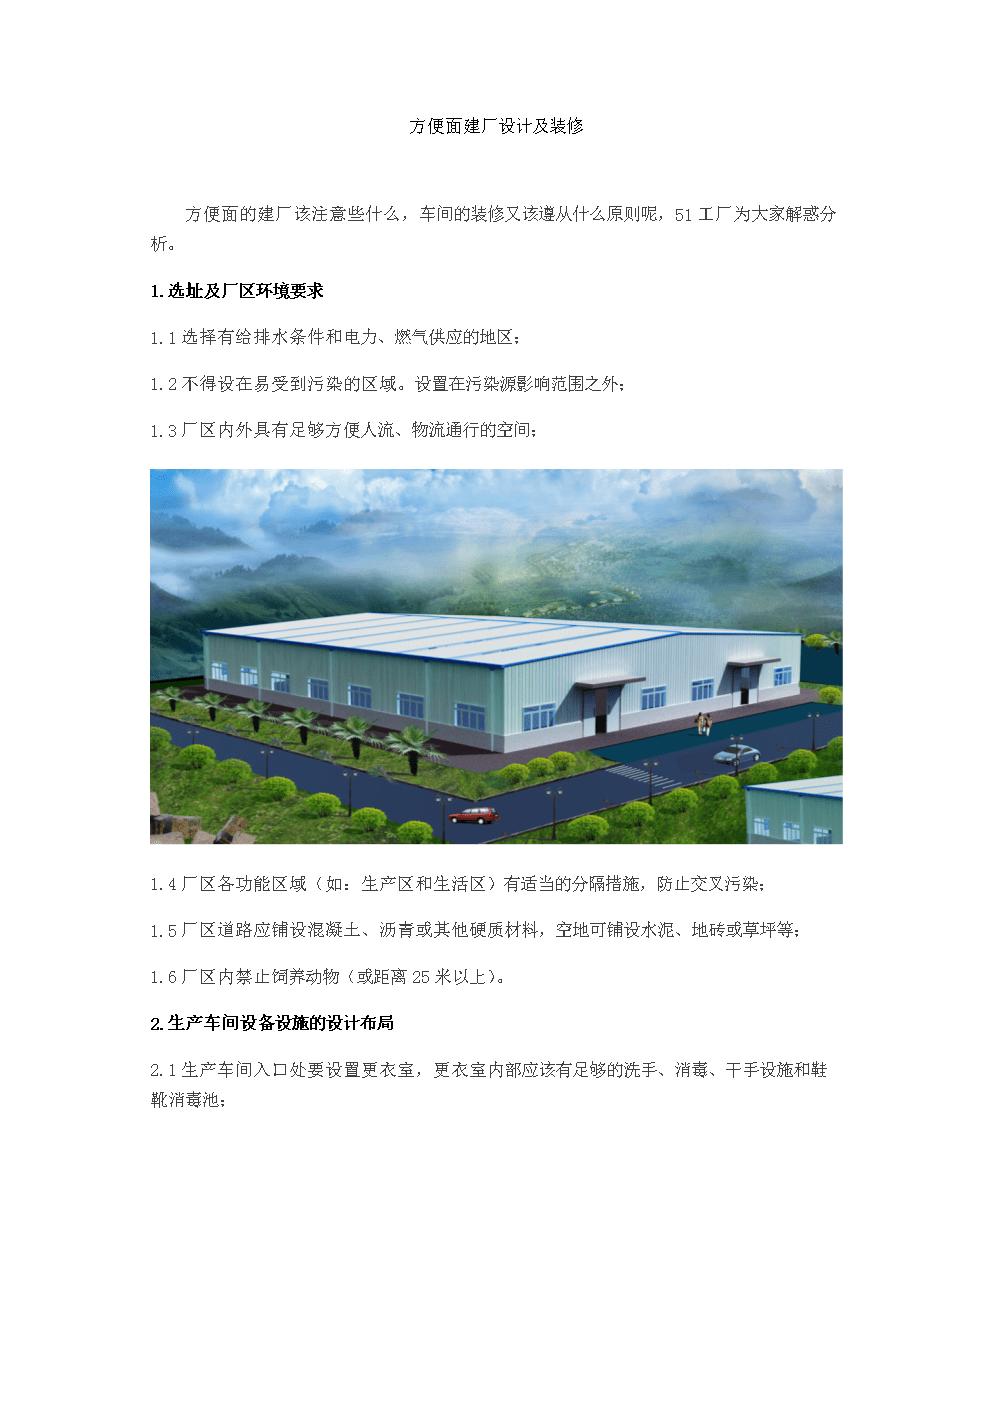 方便面建厂设计及装修要求.docx